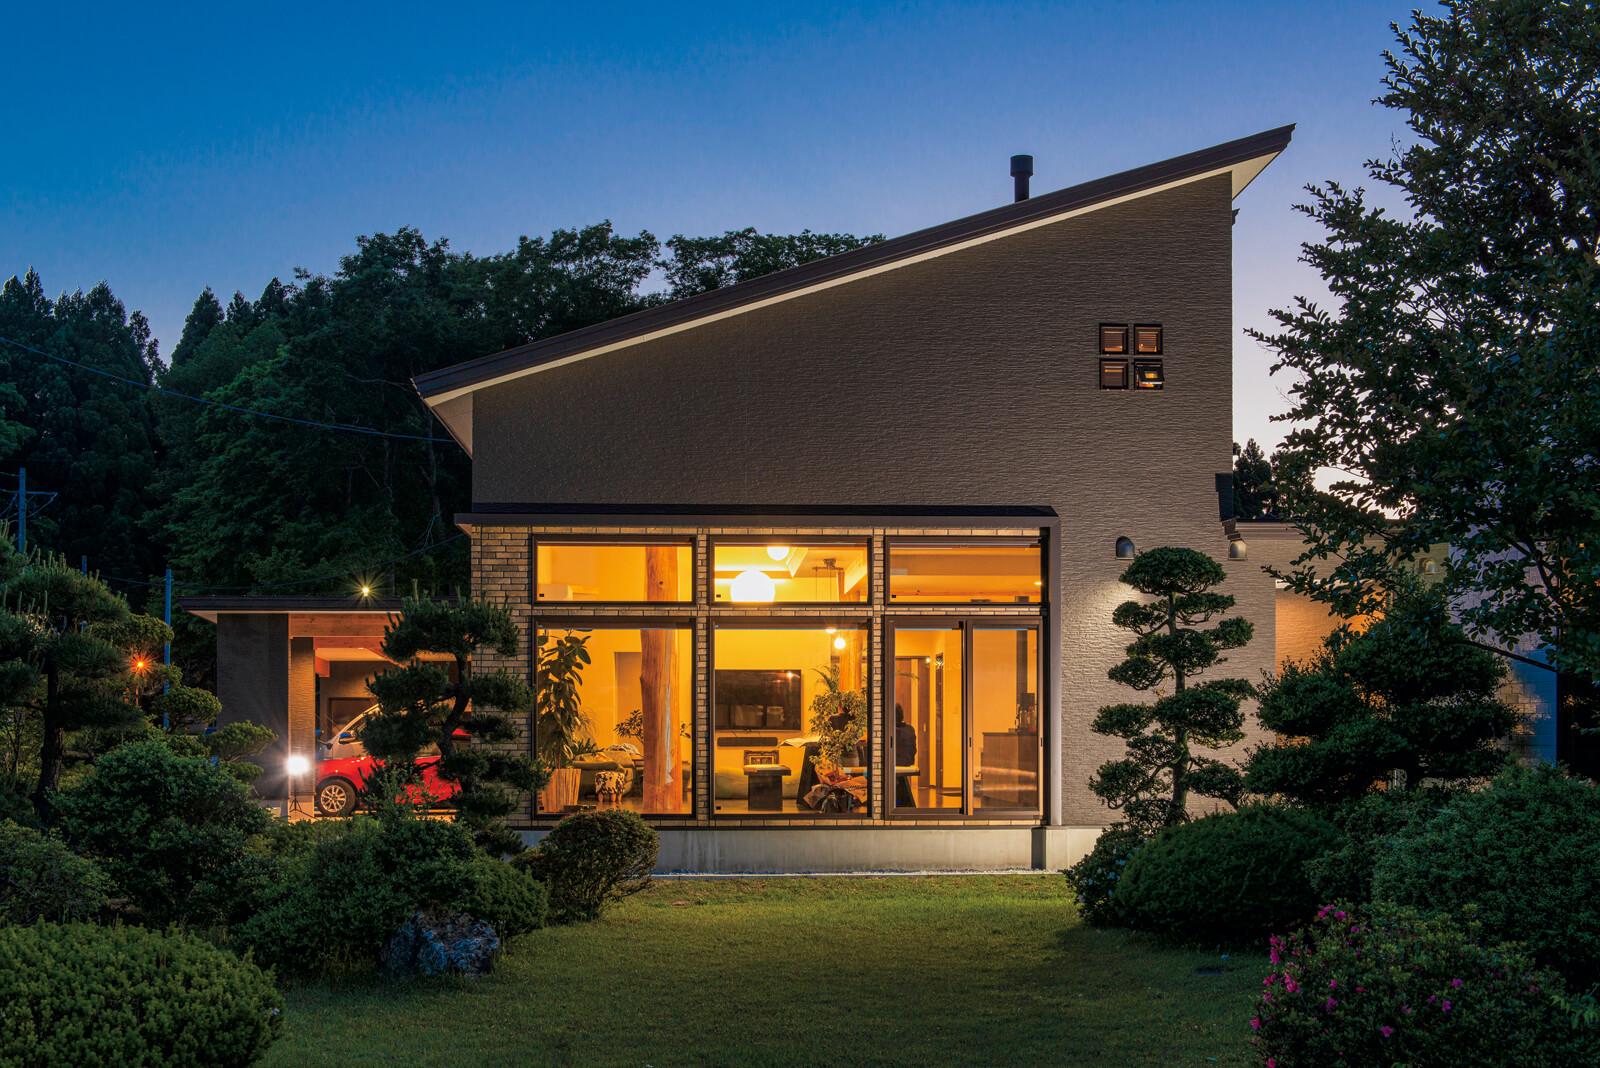 敷地南面から見るSさん宅の夕景。温かな照明の中に丸太柱が現れ、幻想的なムード。欄間窓にはあえてカーテンを付けず、周囲の目を楽しませている